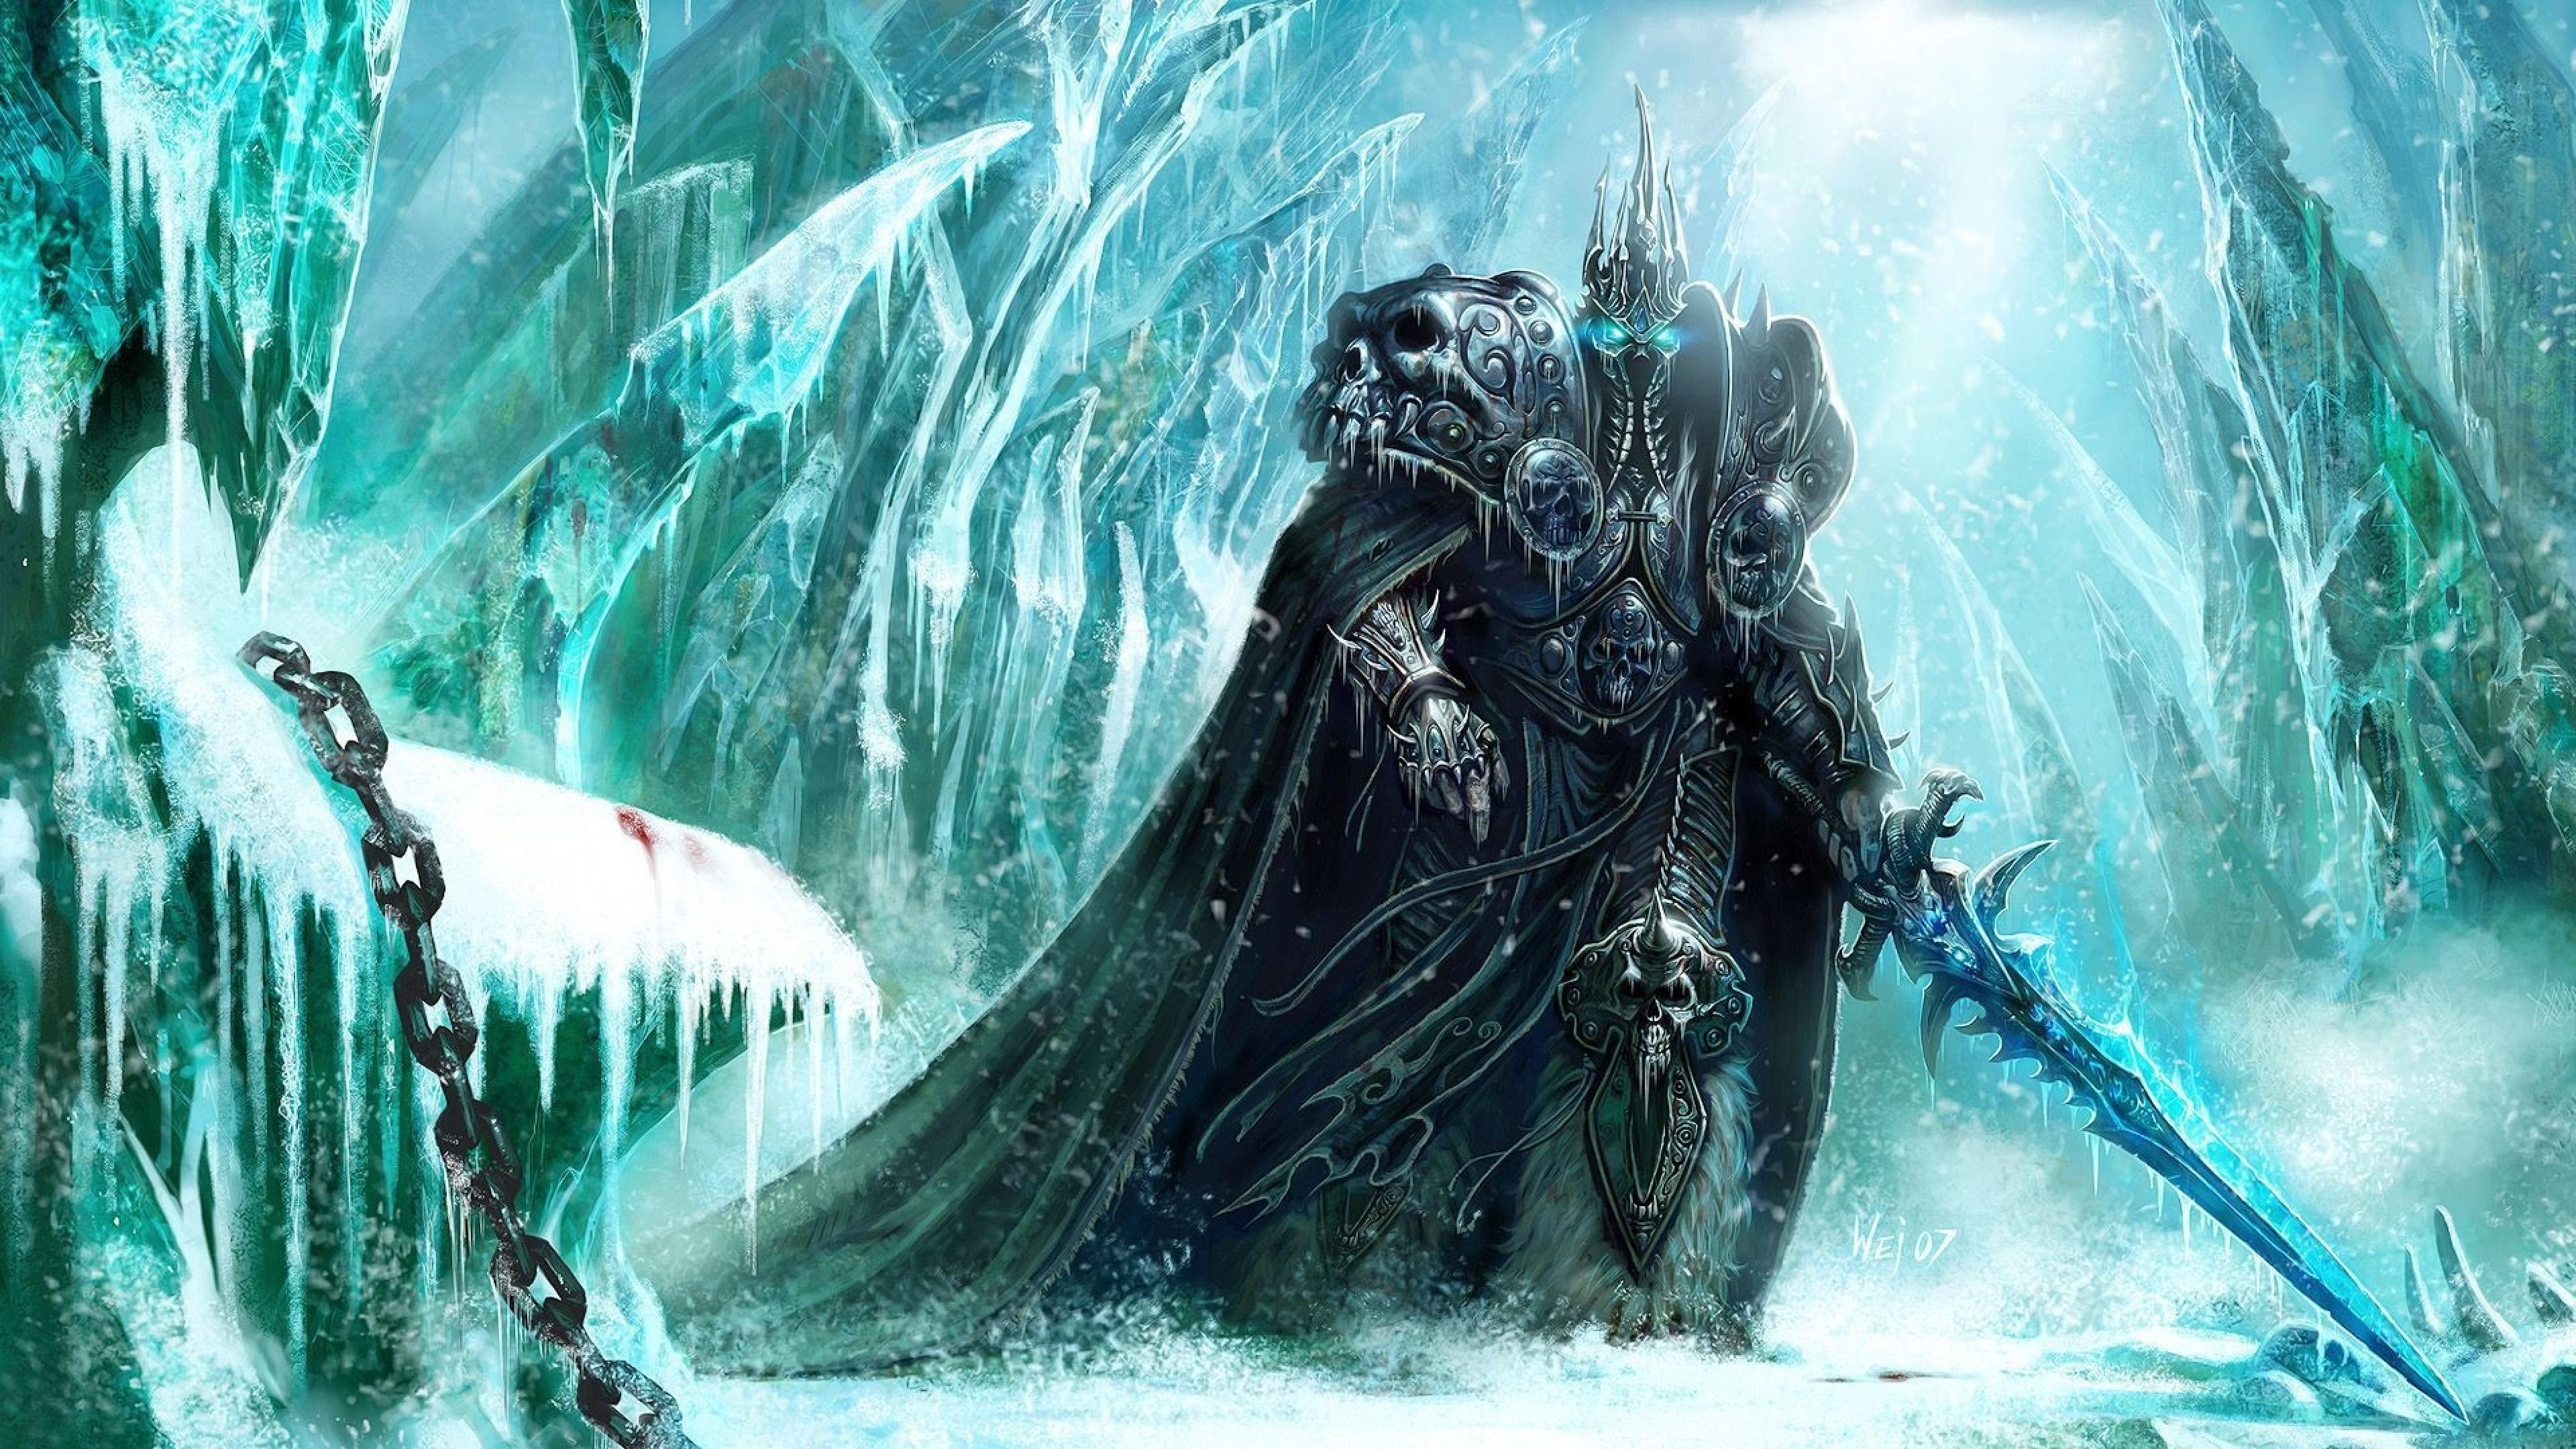 World Of Warcraft Desktop Wallpaper: World Of Warcraft Backgrounds (74+ Images